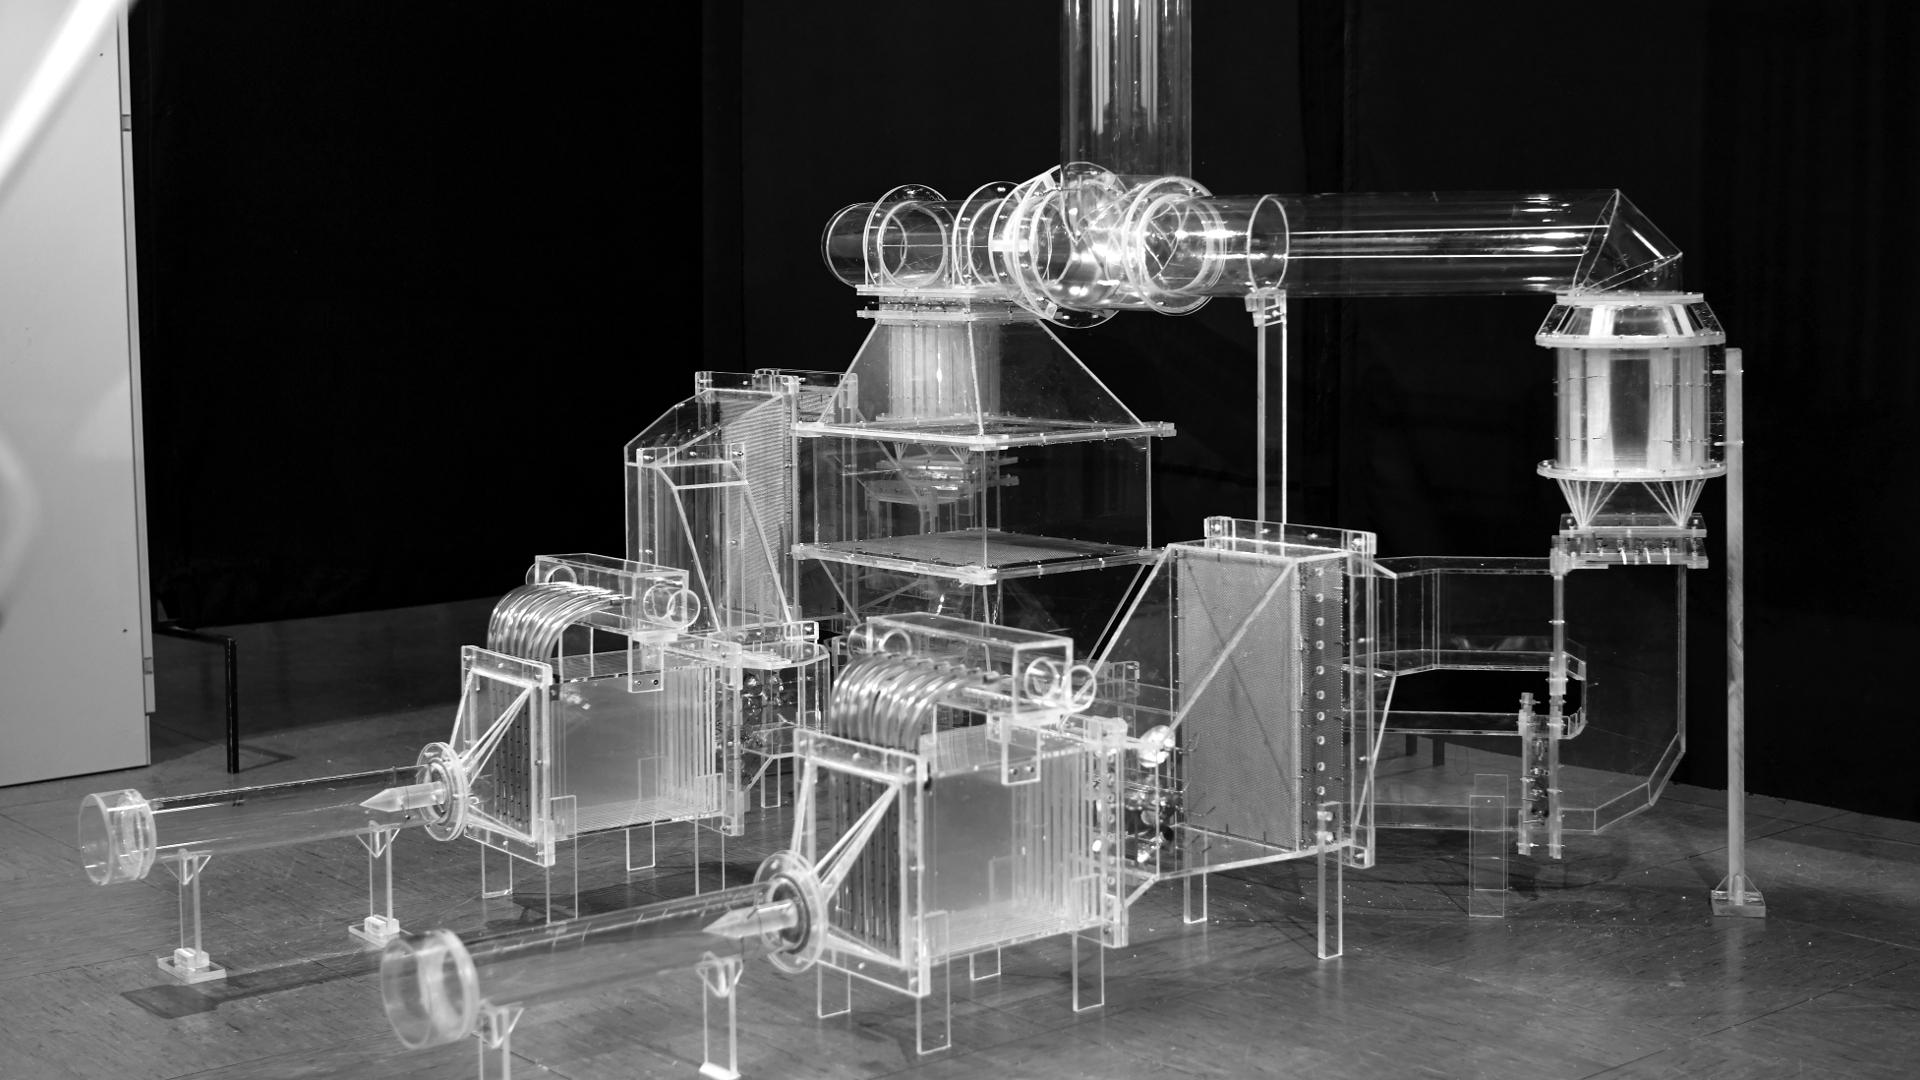 Strömungsmodell einer Gasturbine